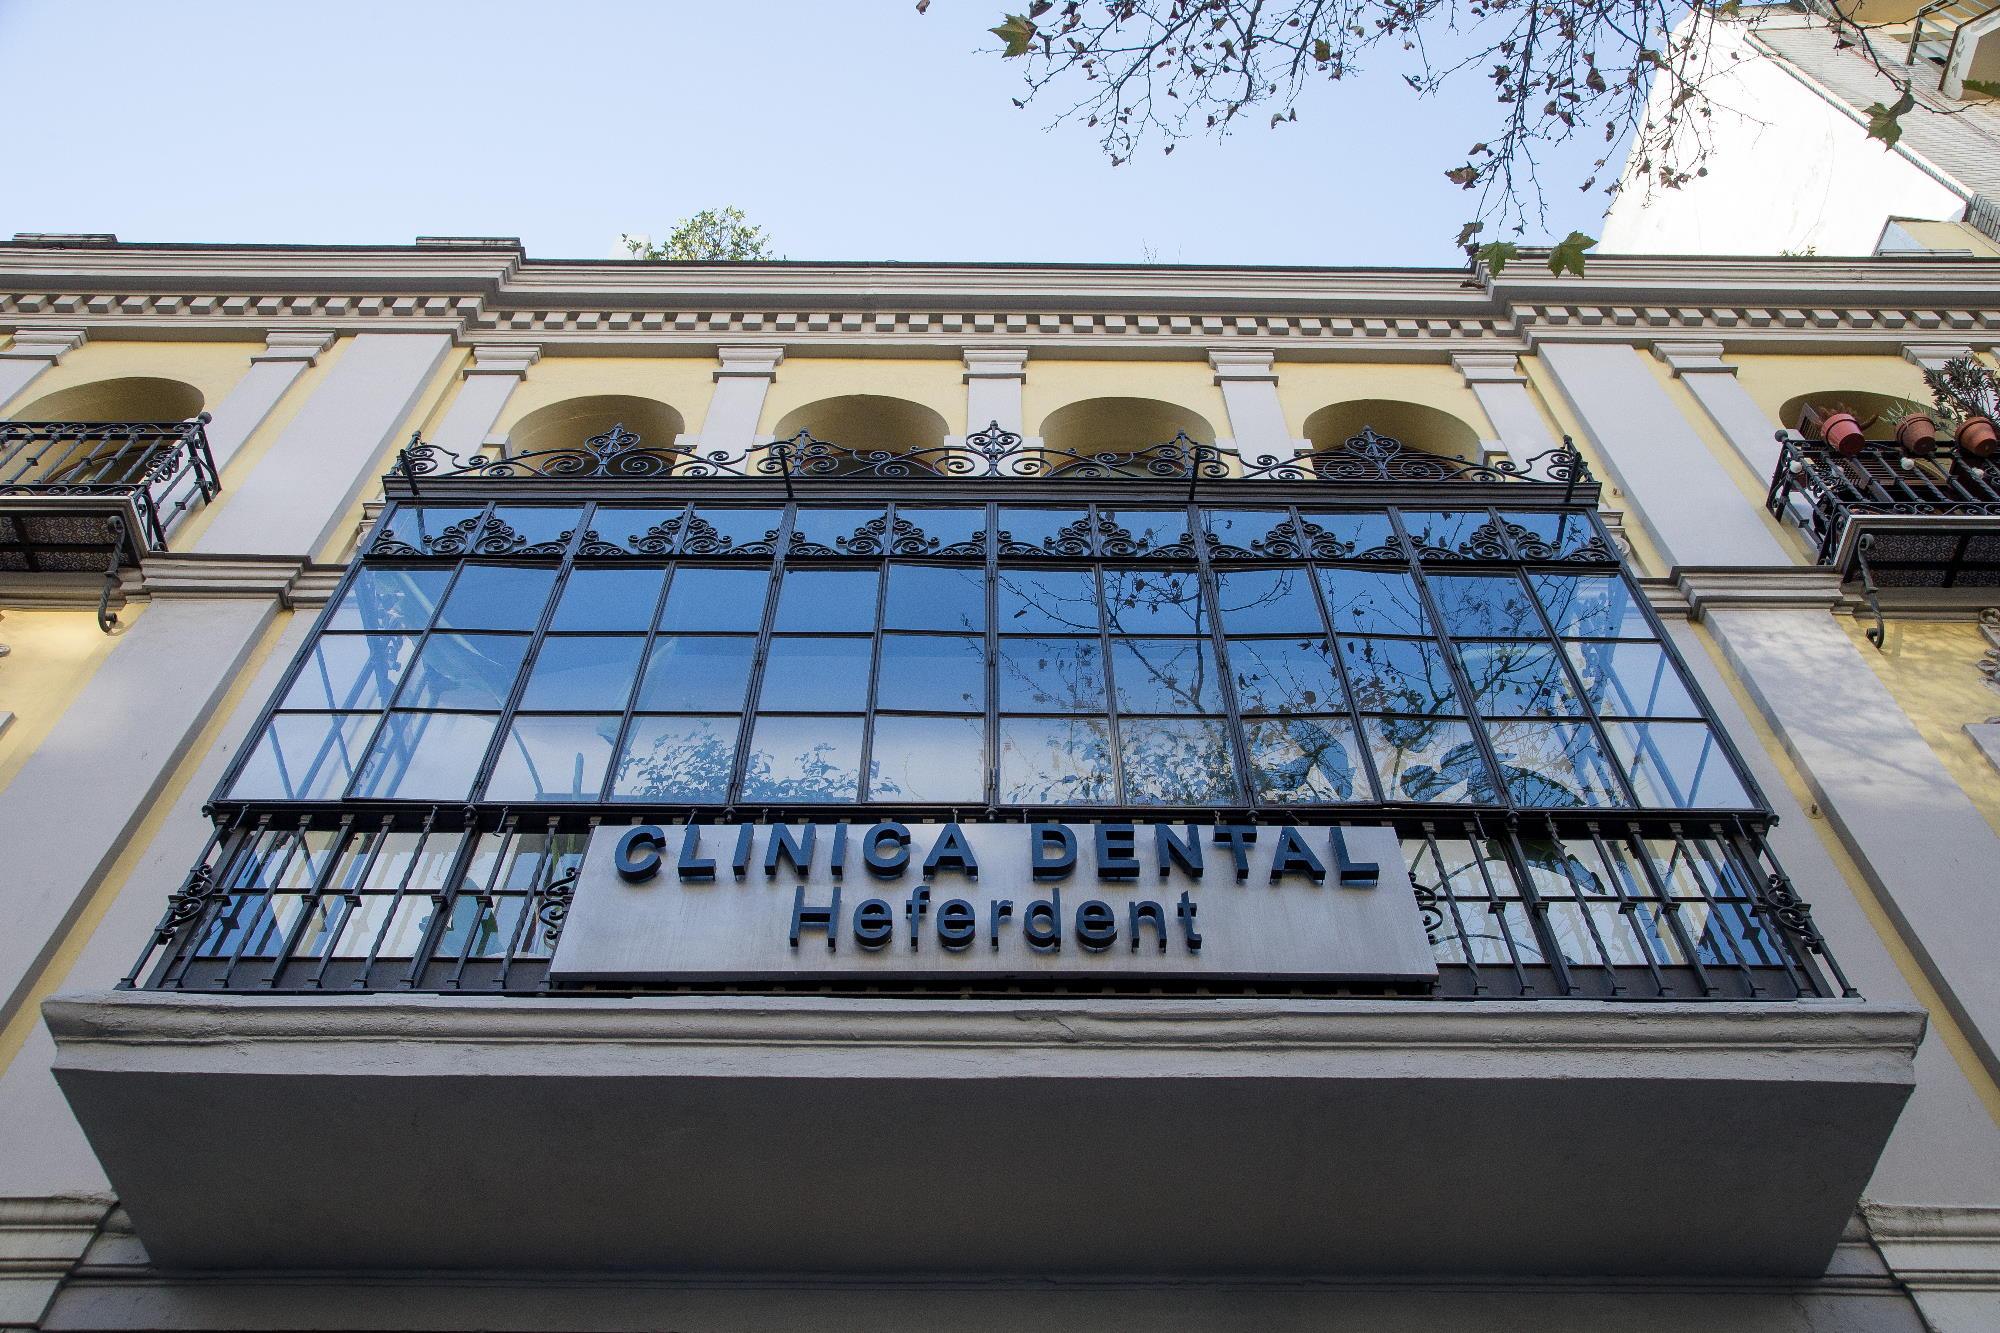 Nota Informativa: Heferdent cumple 30 años con el objetivo de consolidarse como referencia de servicios integrales de odontología y estética en el centro de Sevilla